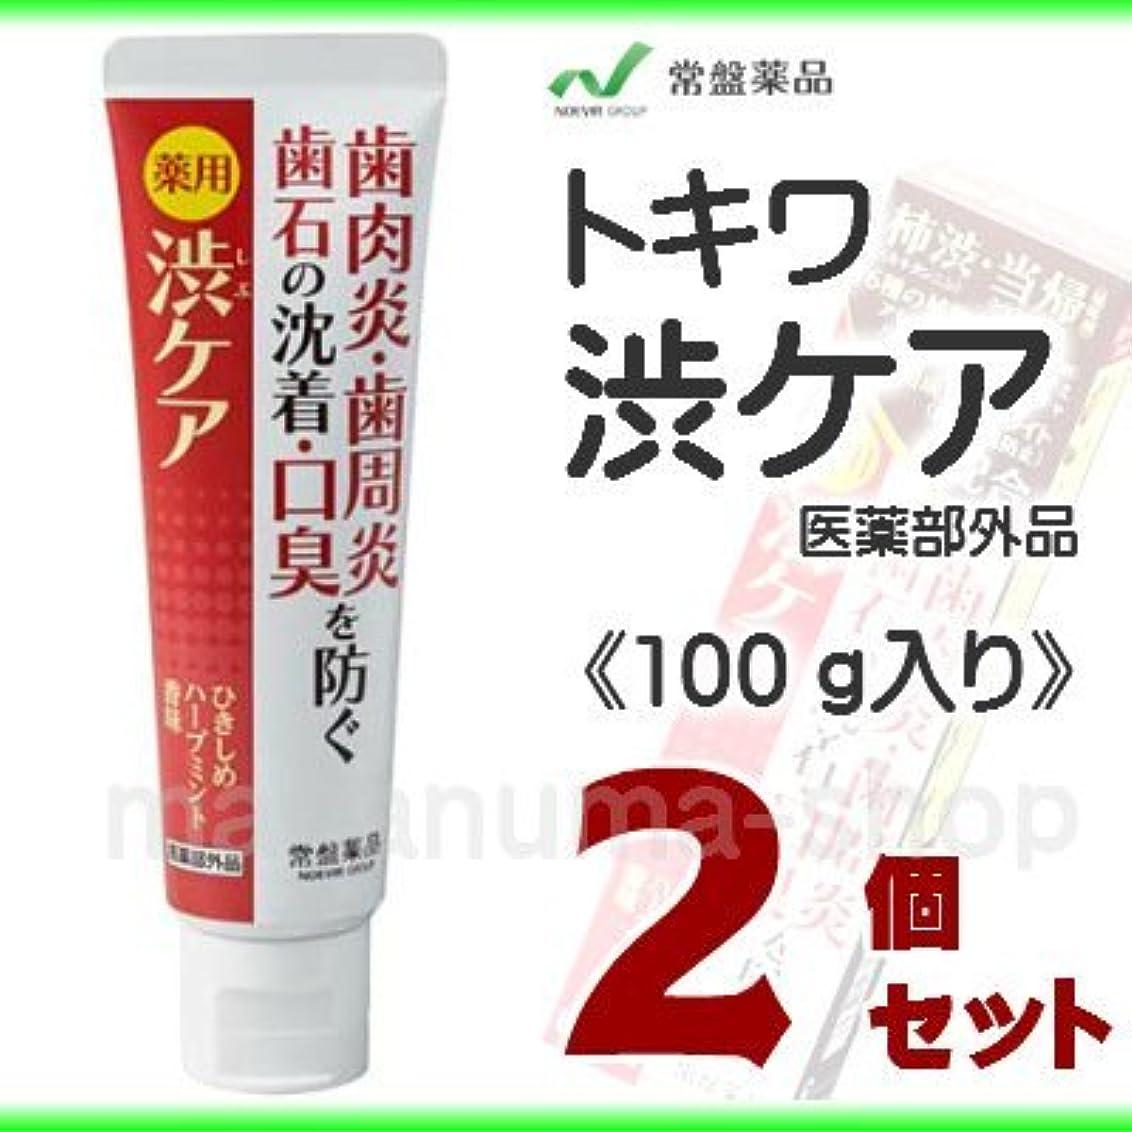 蒸変換緯度トキワ 薬用渋ケア (100g) 2個セット